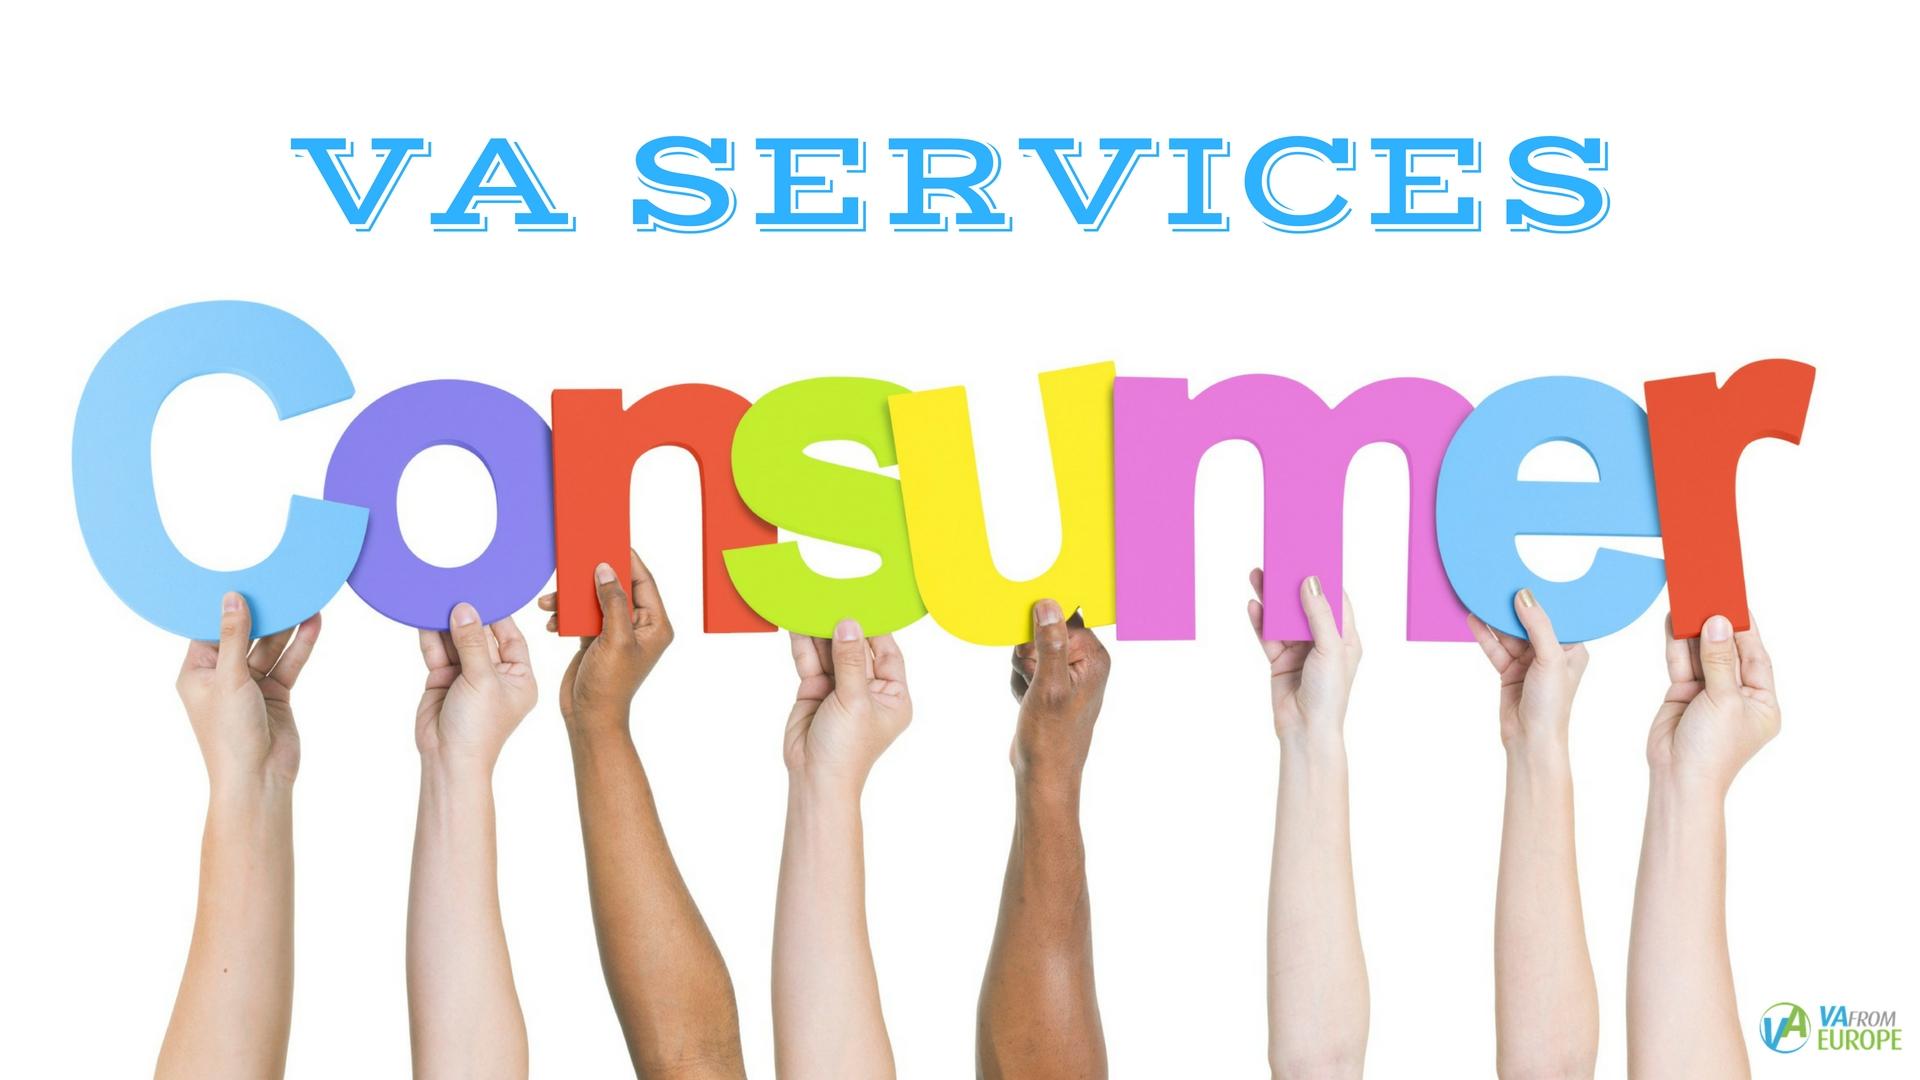 VA services consumer